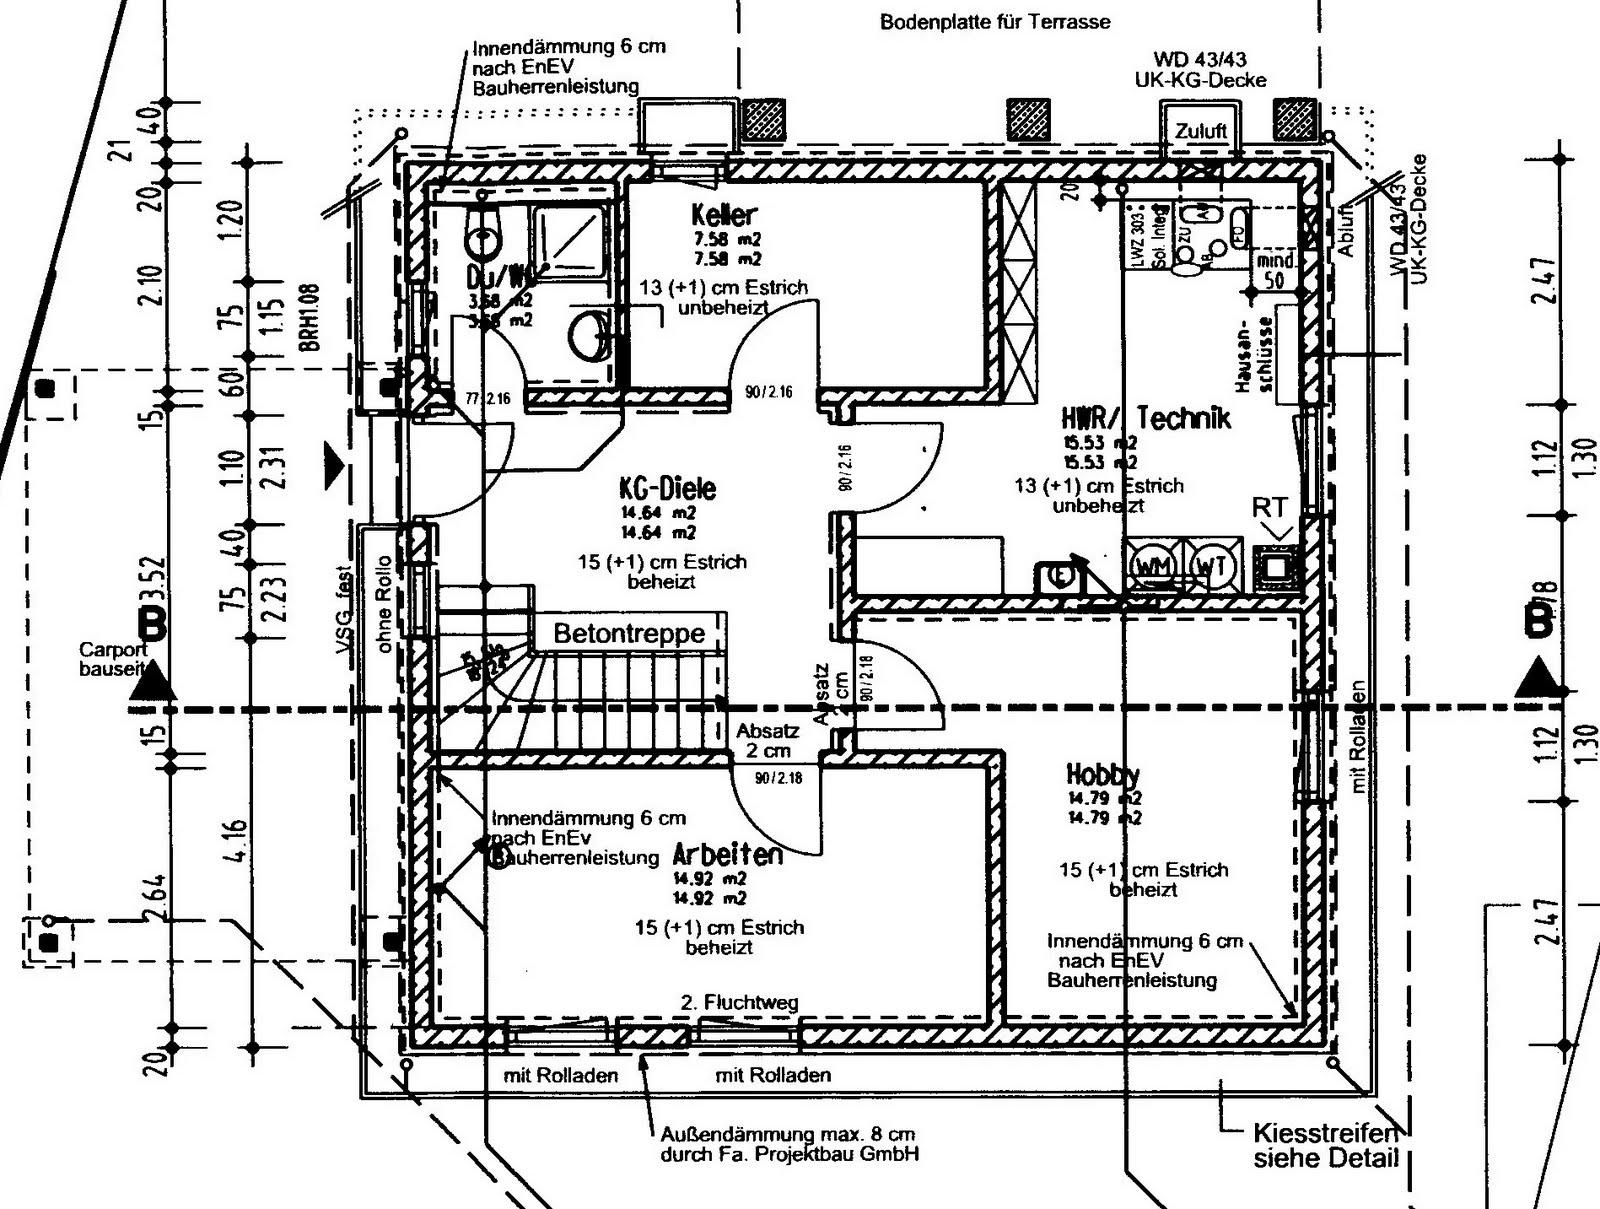 Dusche Im Keller Einbauen : im vorderen bereich des kellers werden wir zwei zimmer haben